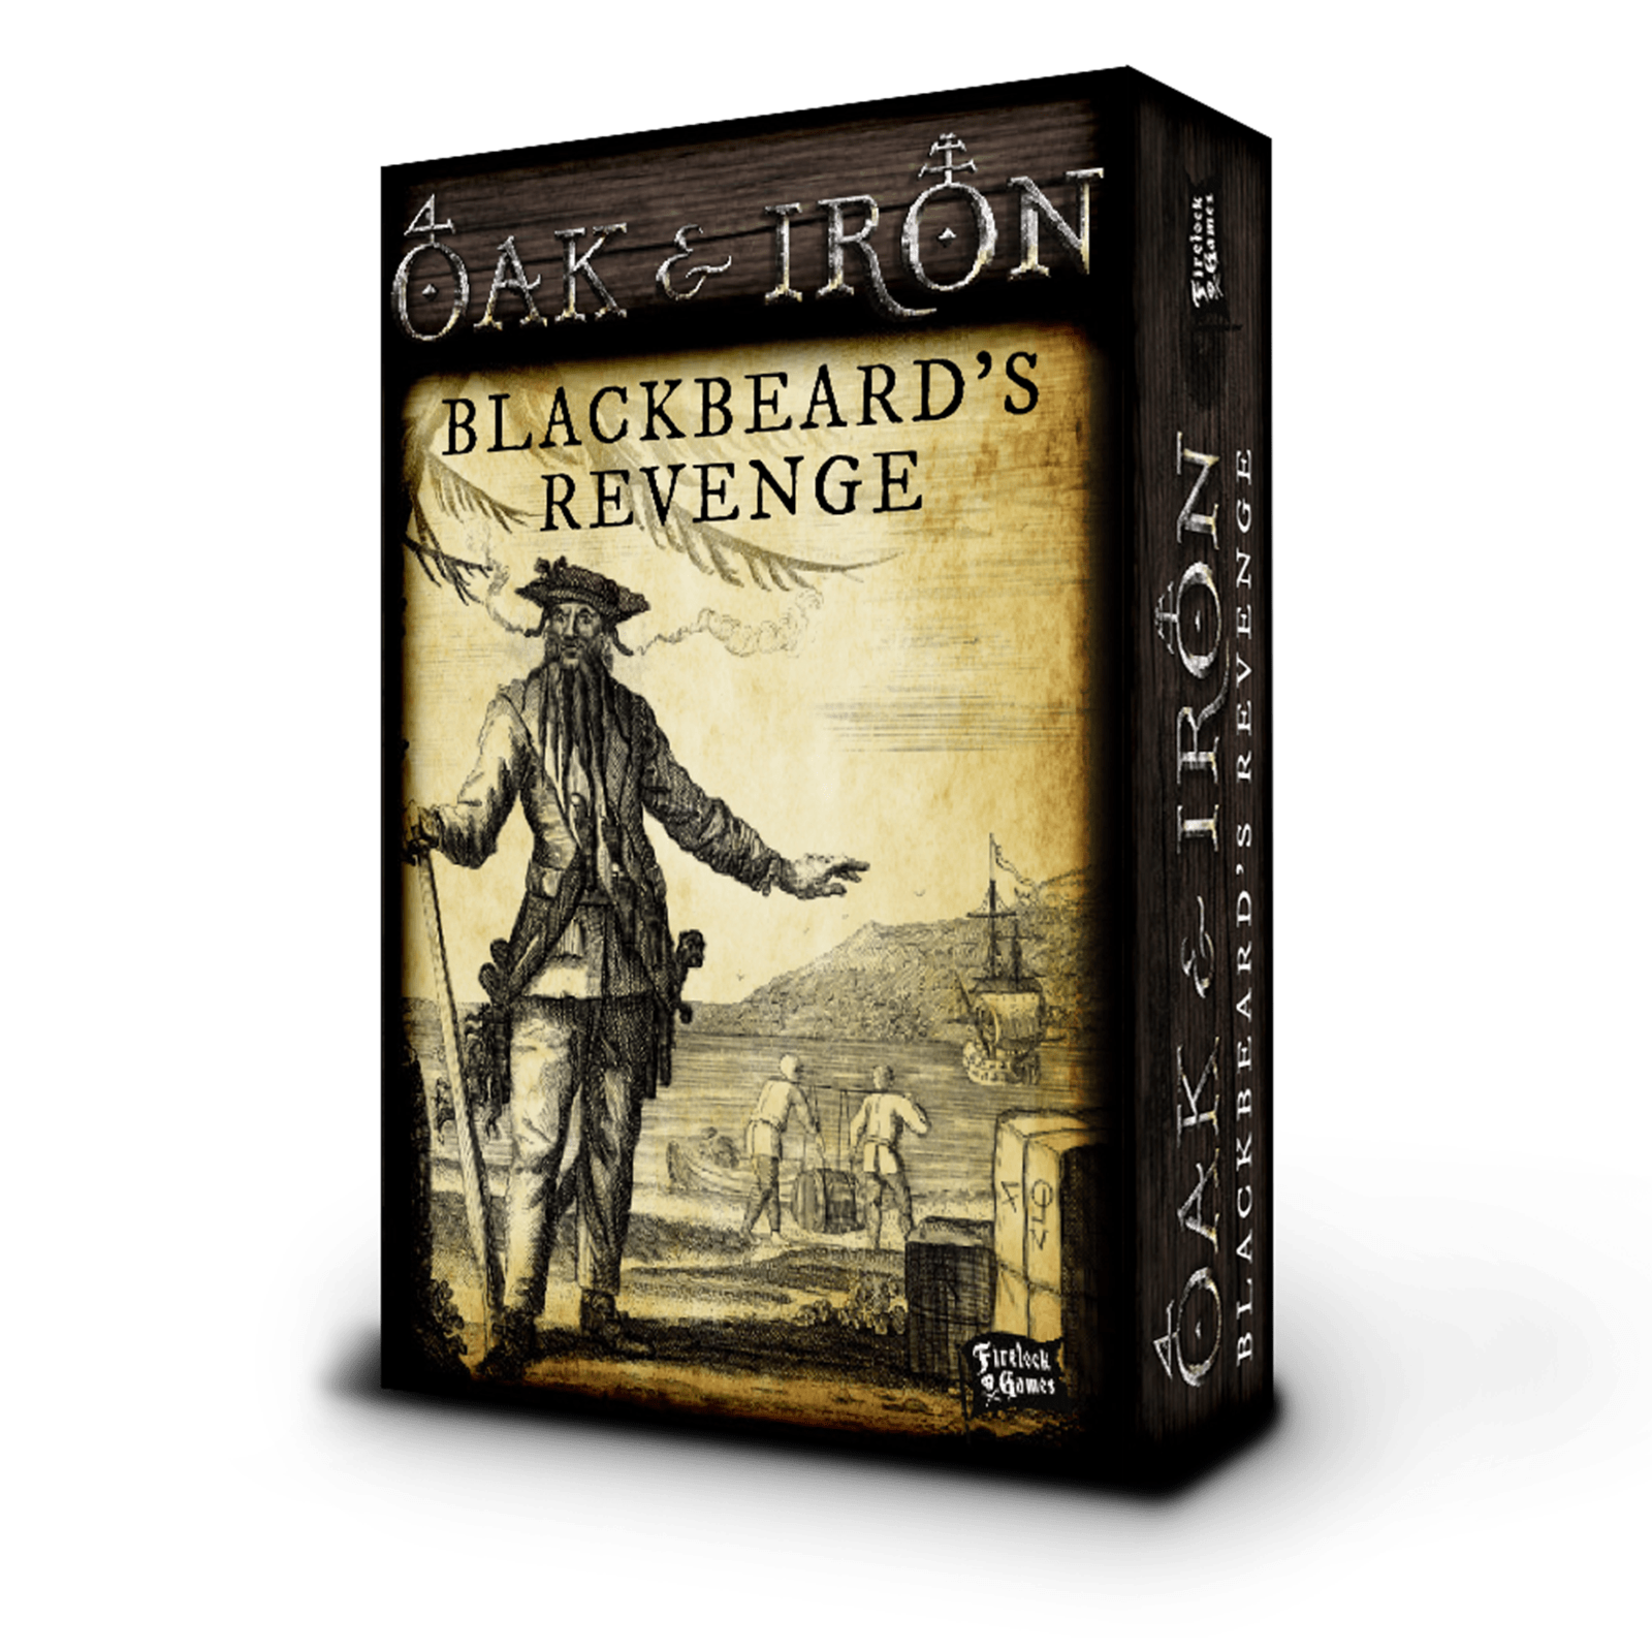 OAK & IRON BLACKBEARD'S REVENGE